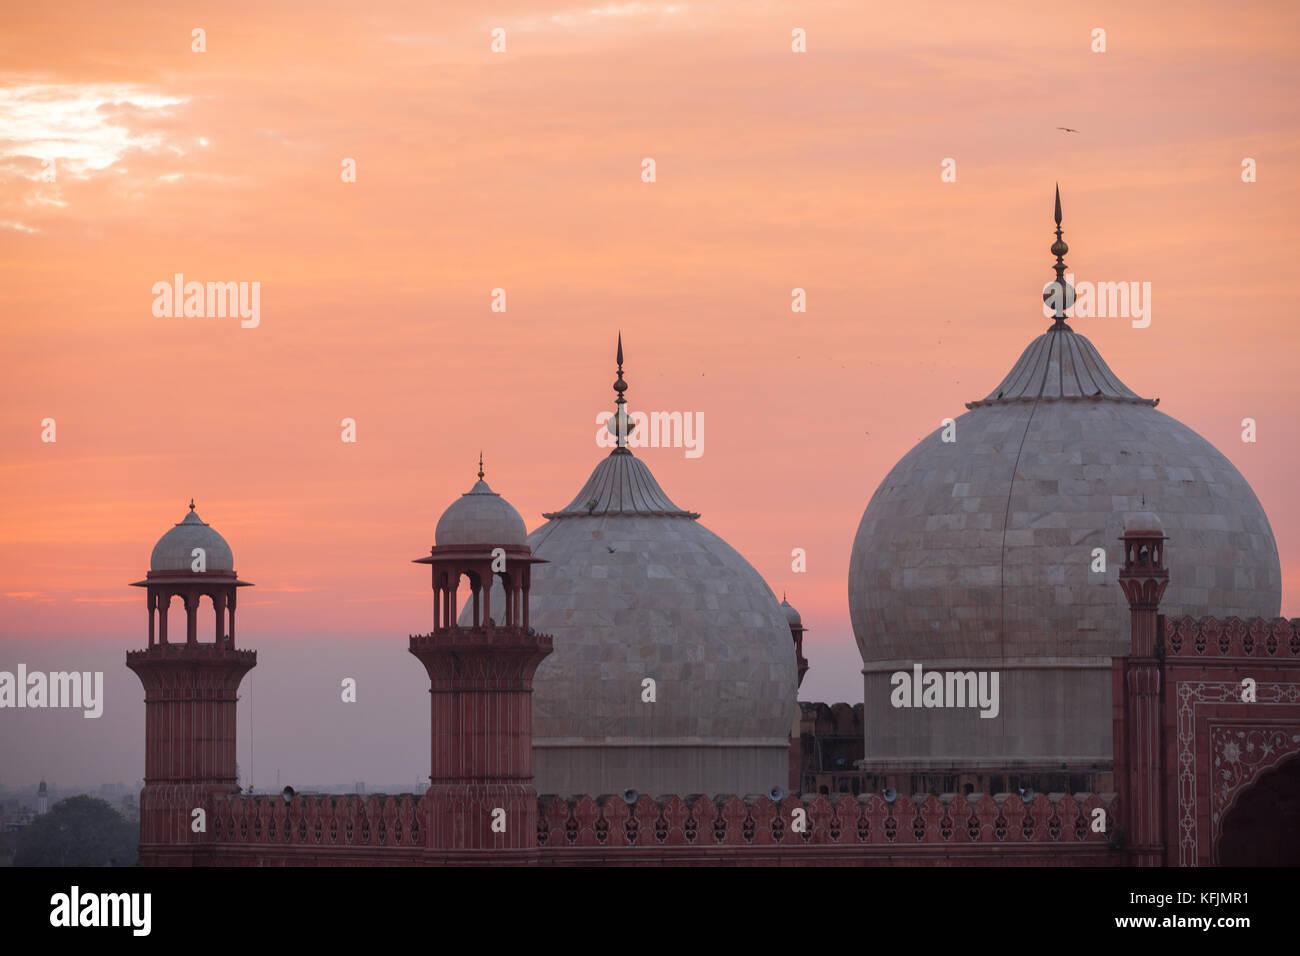 The Emperors Mosque - Badshahi Masjid at sunset - Stock Image